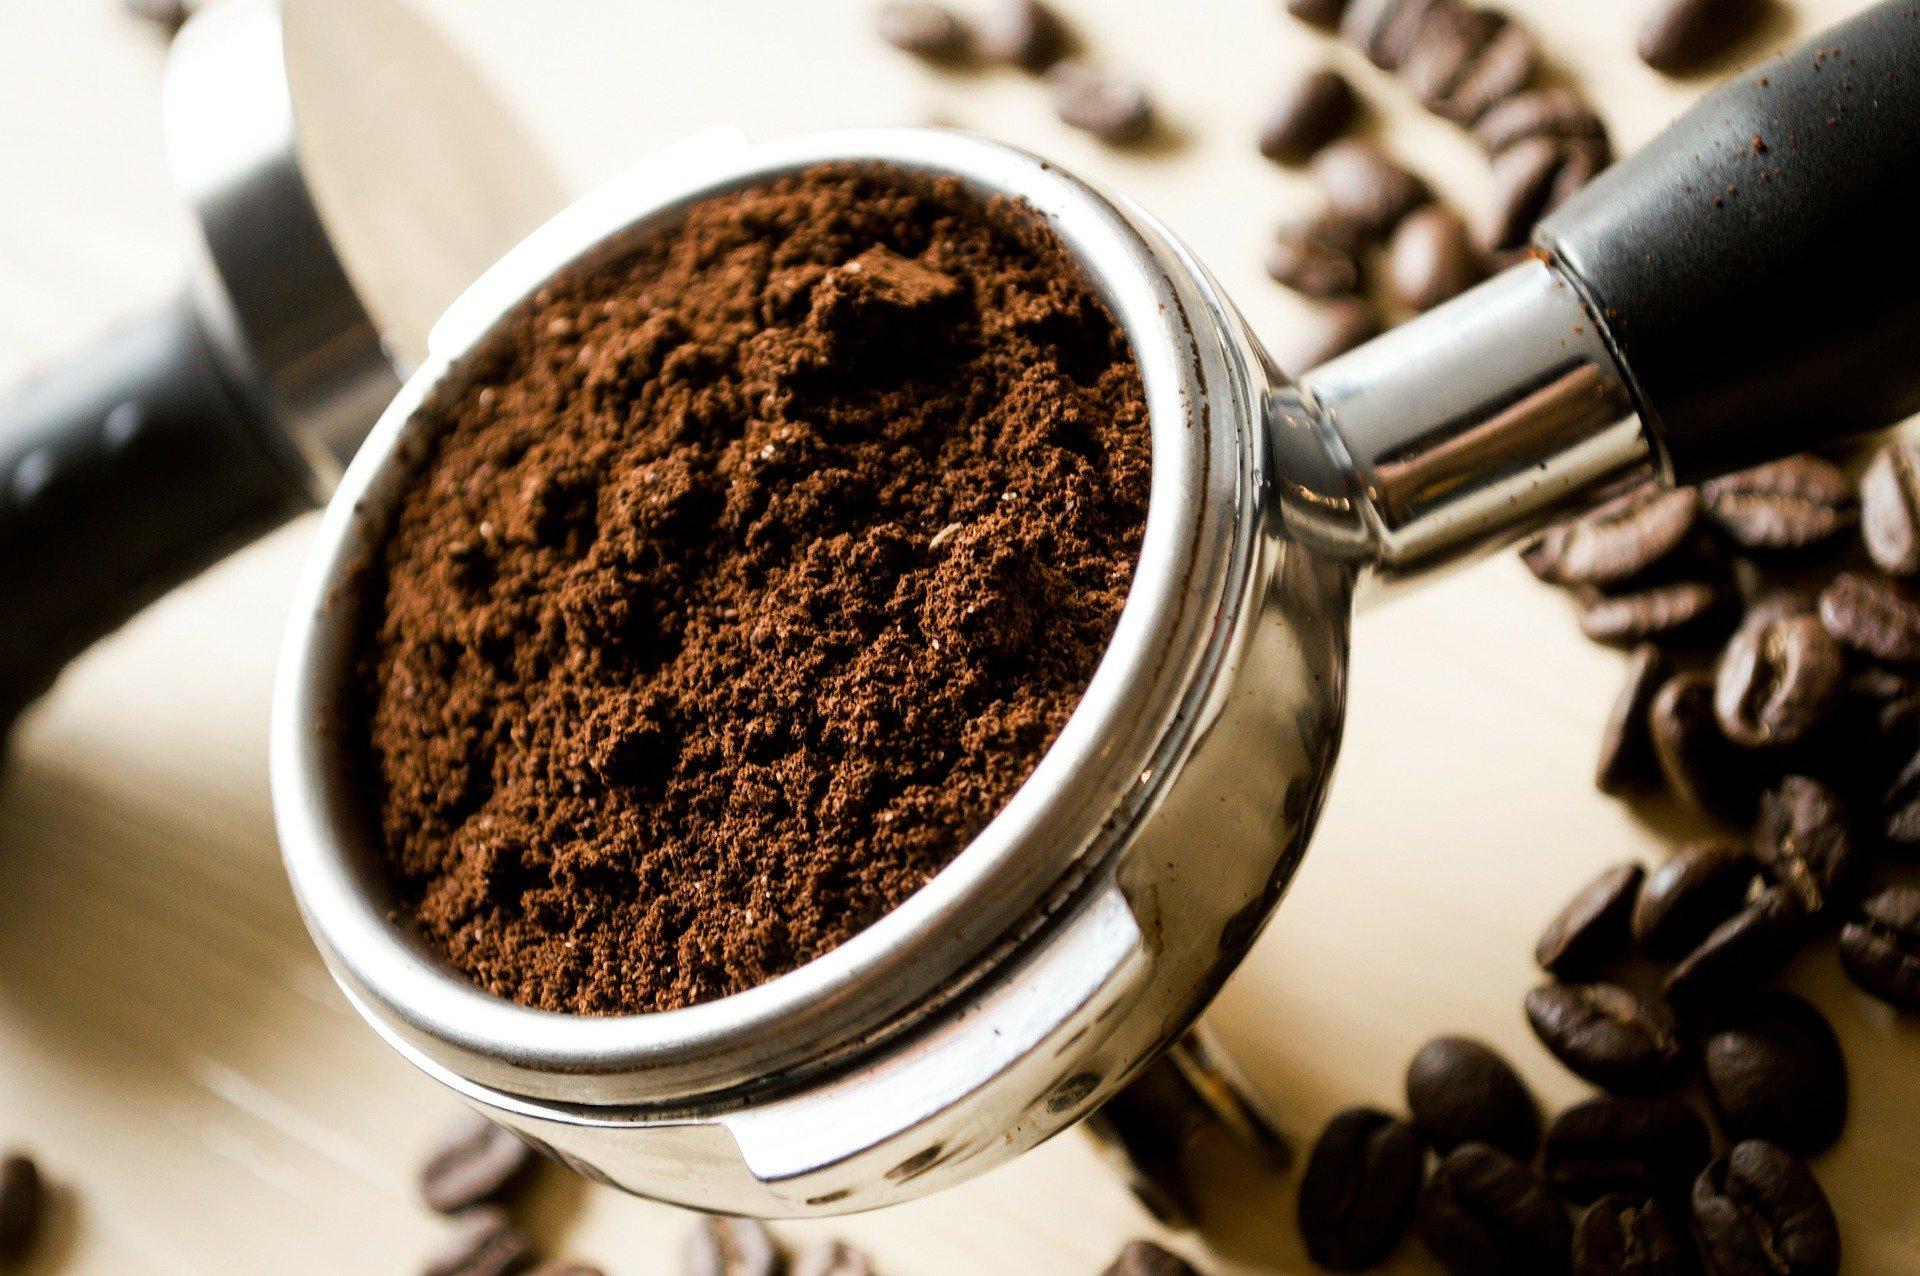 kaffepulver